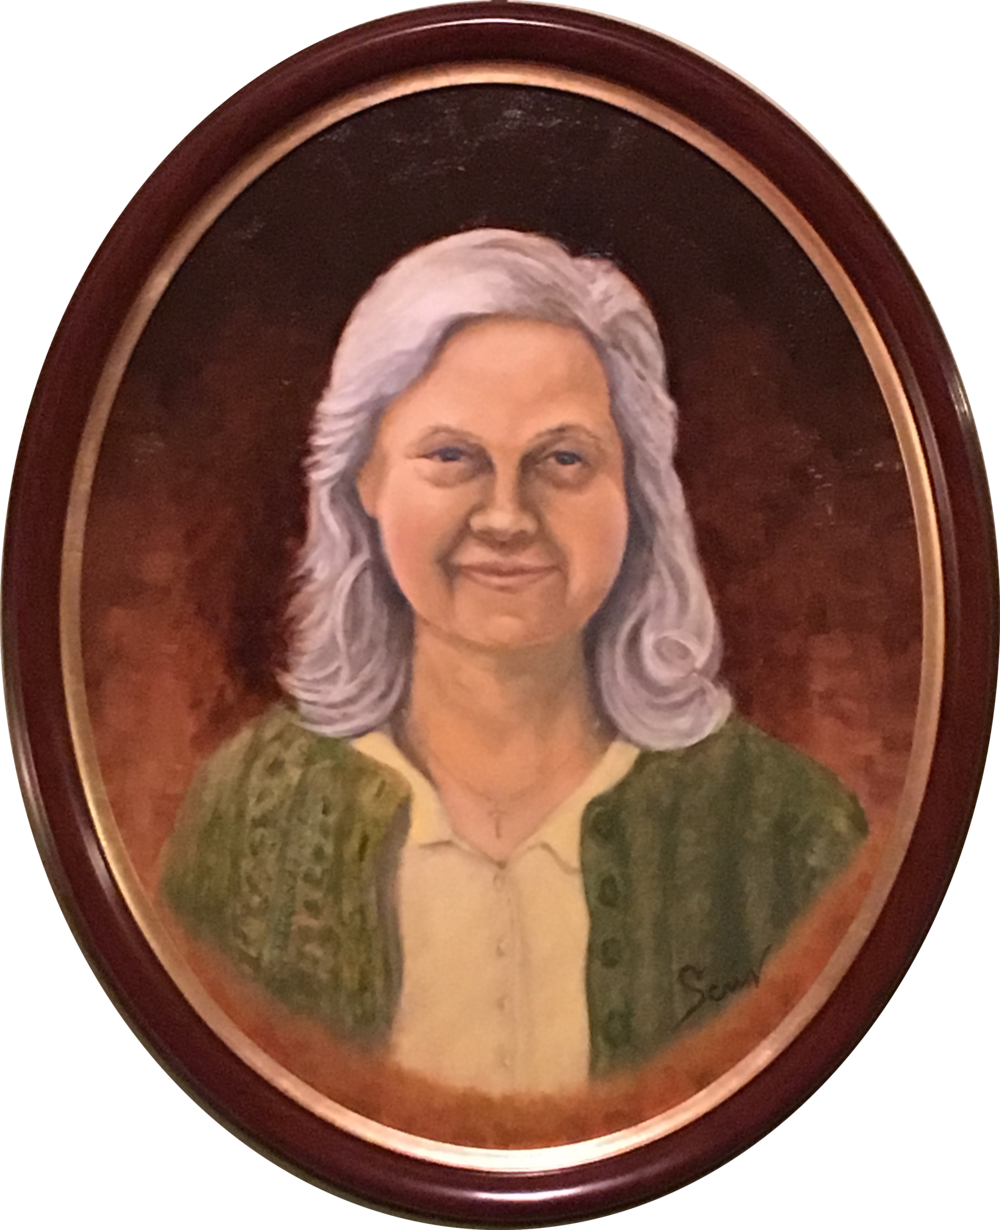 Anna Scrivanich (1923-2018)